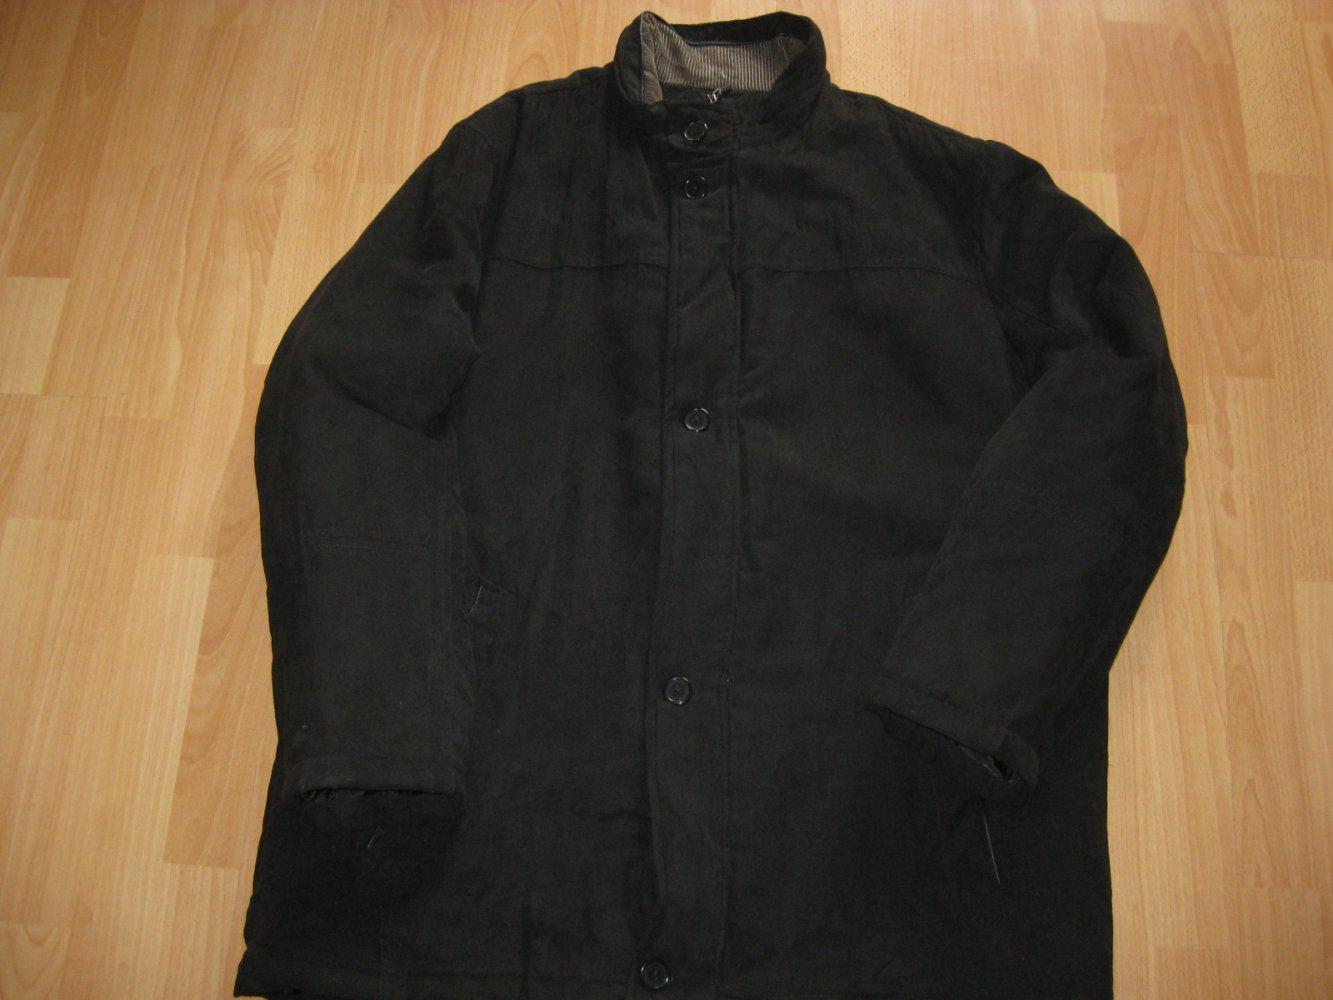 c. comberti Herren Jacke schwarz Größe 29 NEU mit Etikett